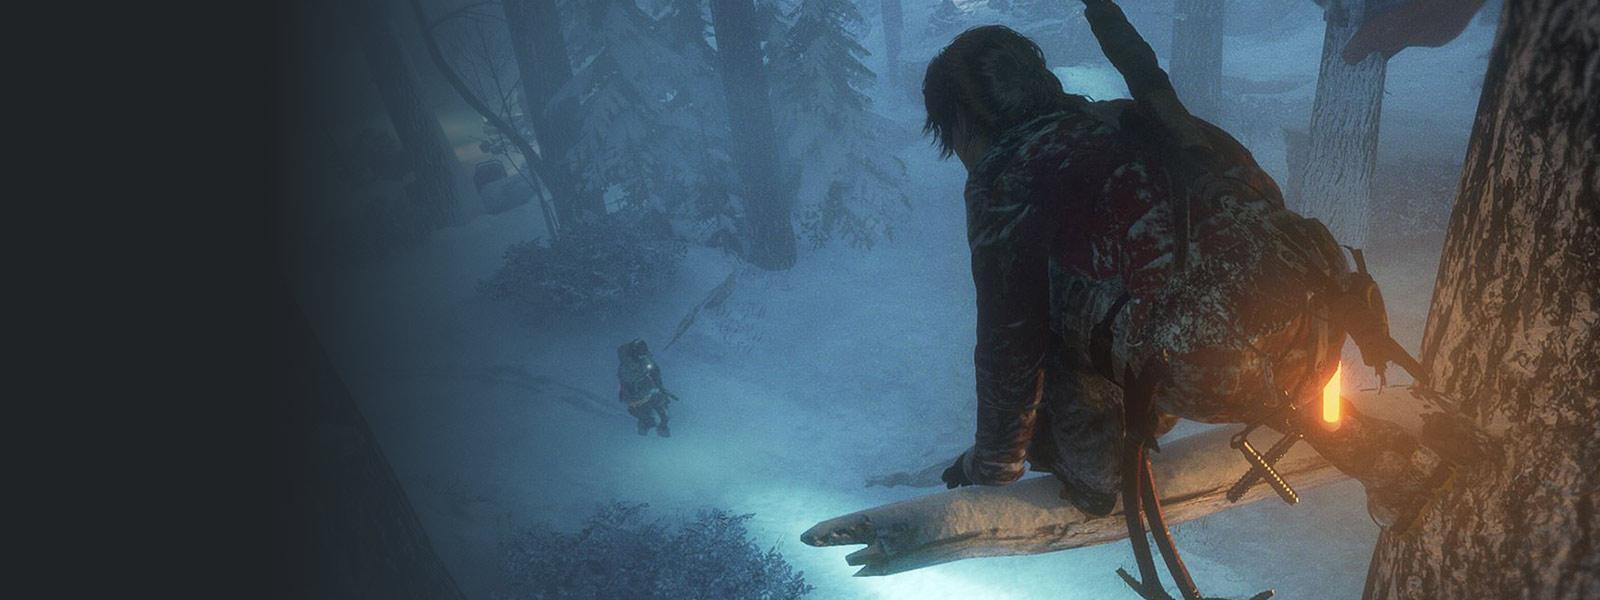 Lara num ramo de uma árvore coberta de neve, preparando-se para atacar um inimigo que passa por baixo